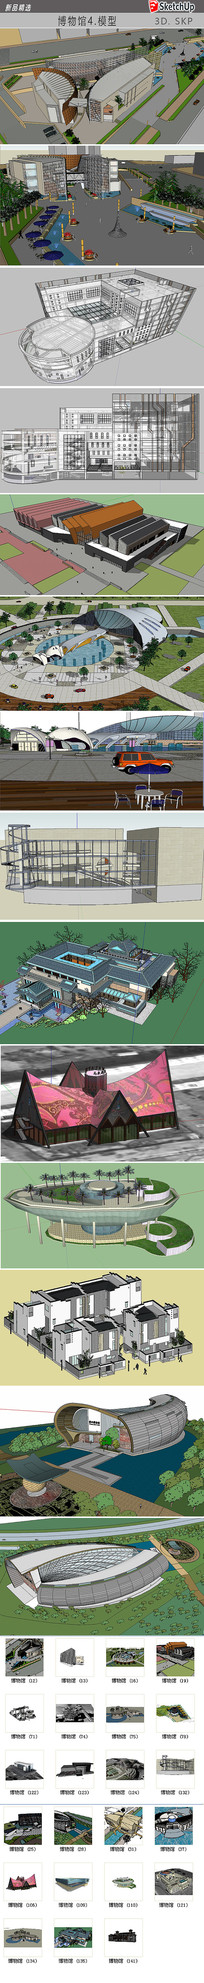 创意建筑设计